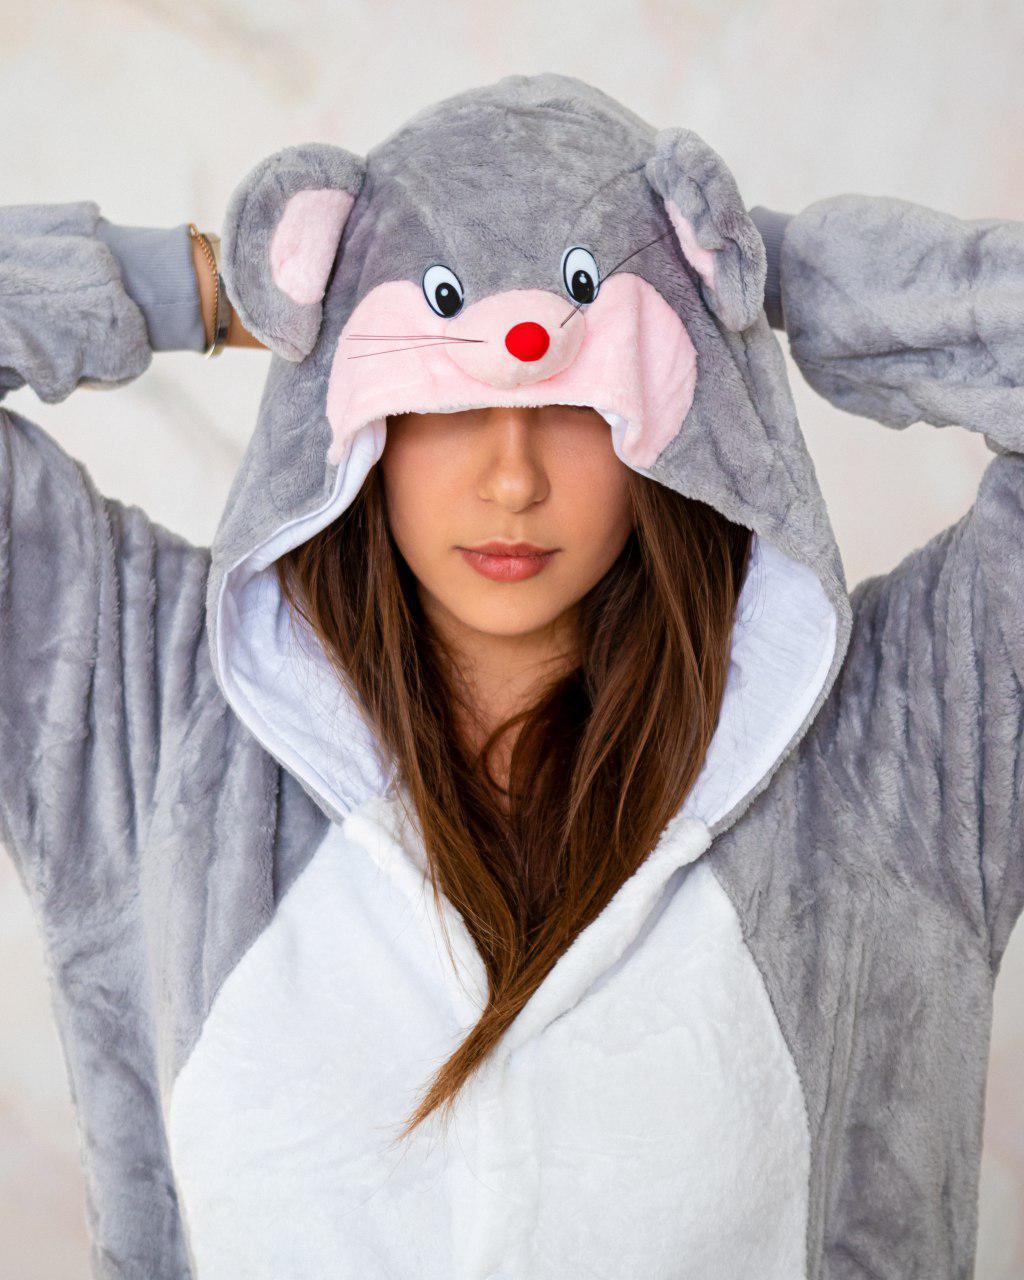 Кигуруми детские. Пижама кигуруми. Кигуруми для детей. Кигуруми мышка. Кігурумі дитячі. Дитяча піжама